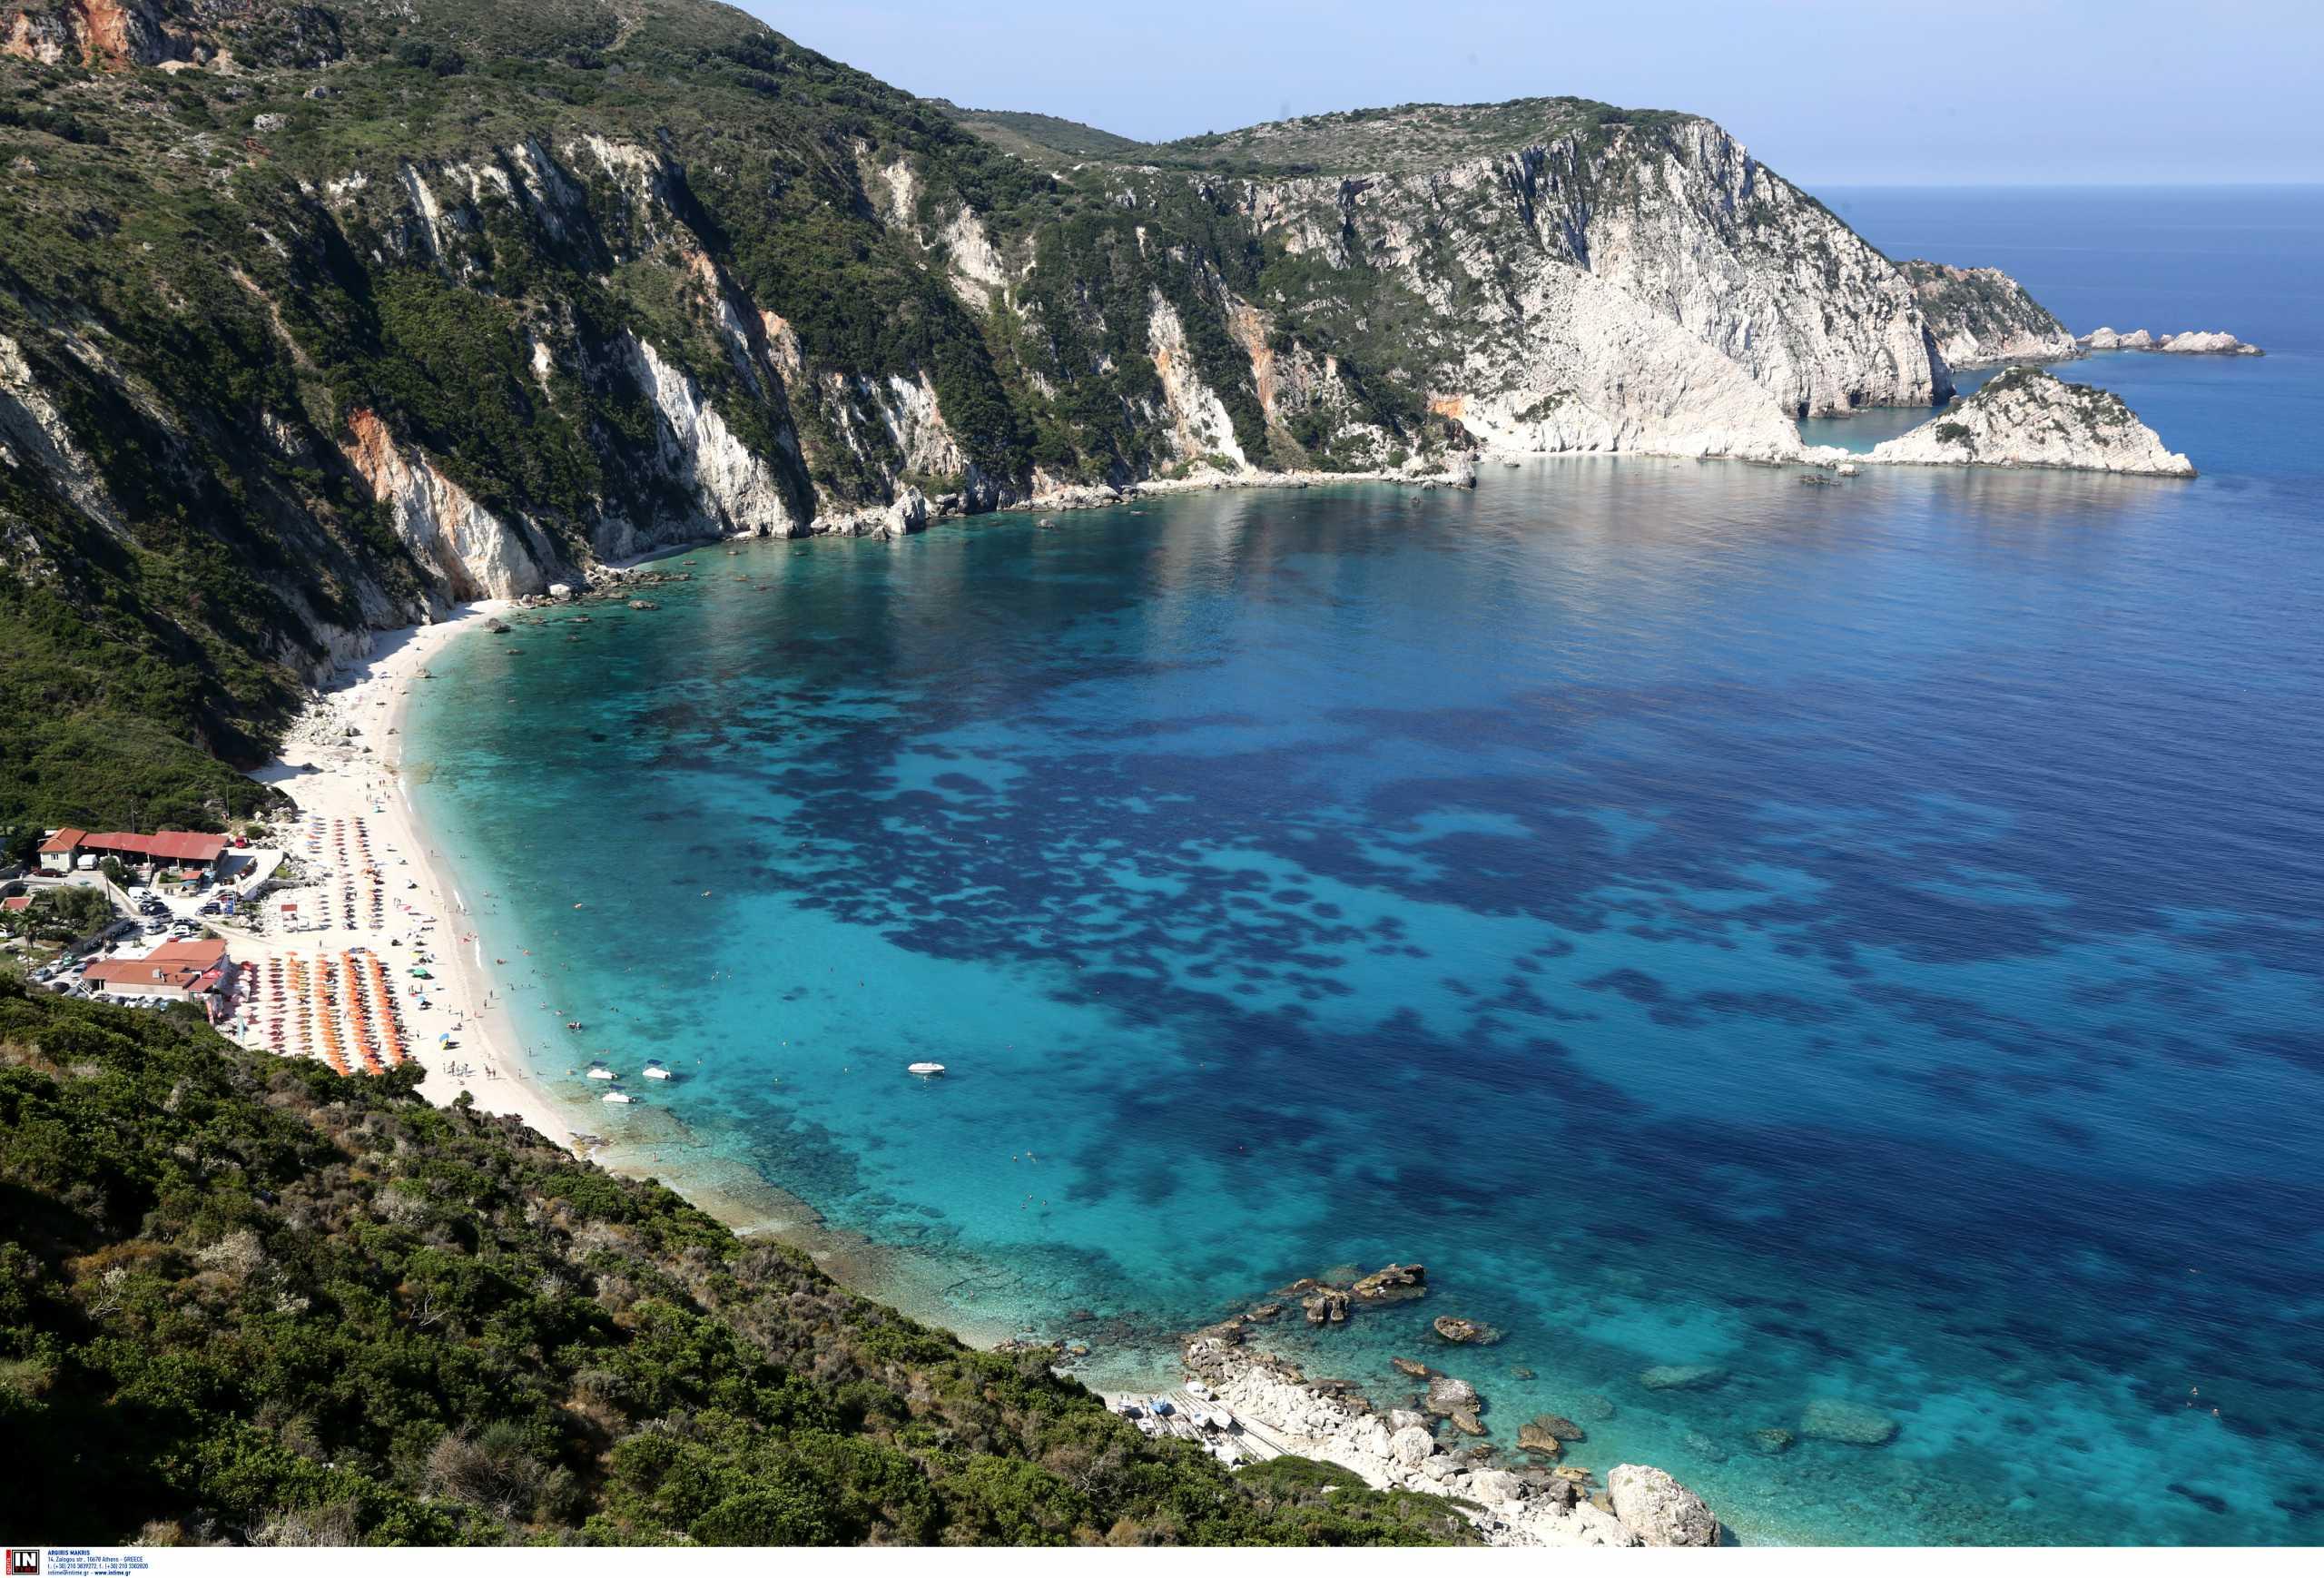 Ποια ελληνικά νησιά διεκδικούν μια θέση στην πράσινη λίστα της Βρετανίας – Σήμερα οι ανακοινώσεις